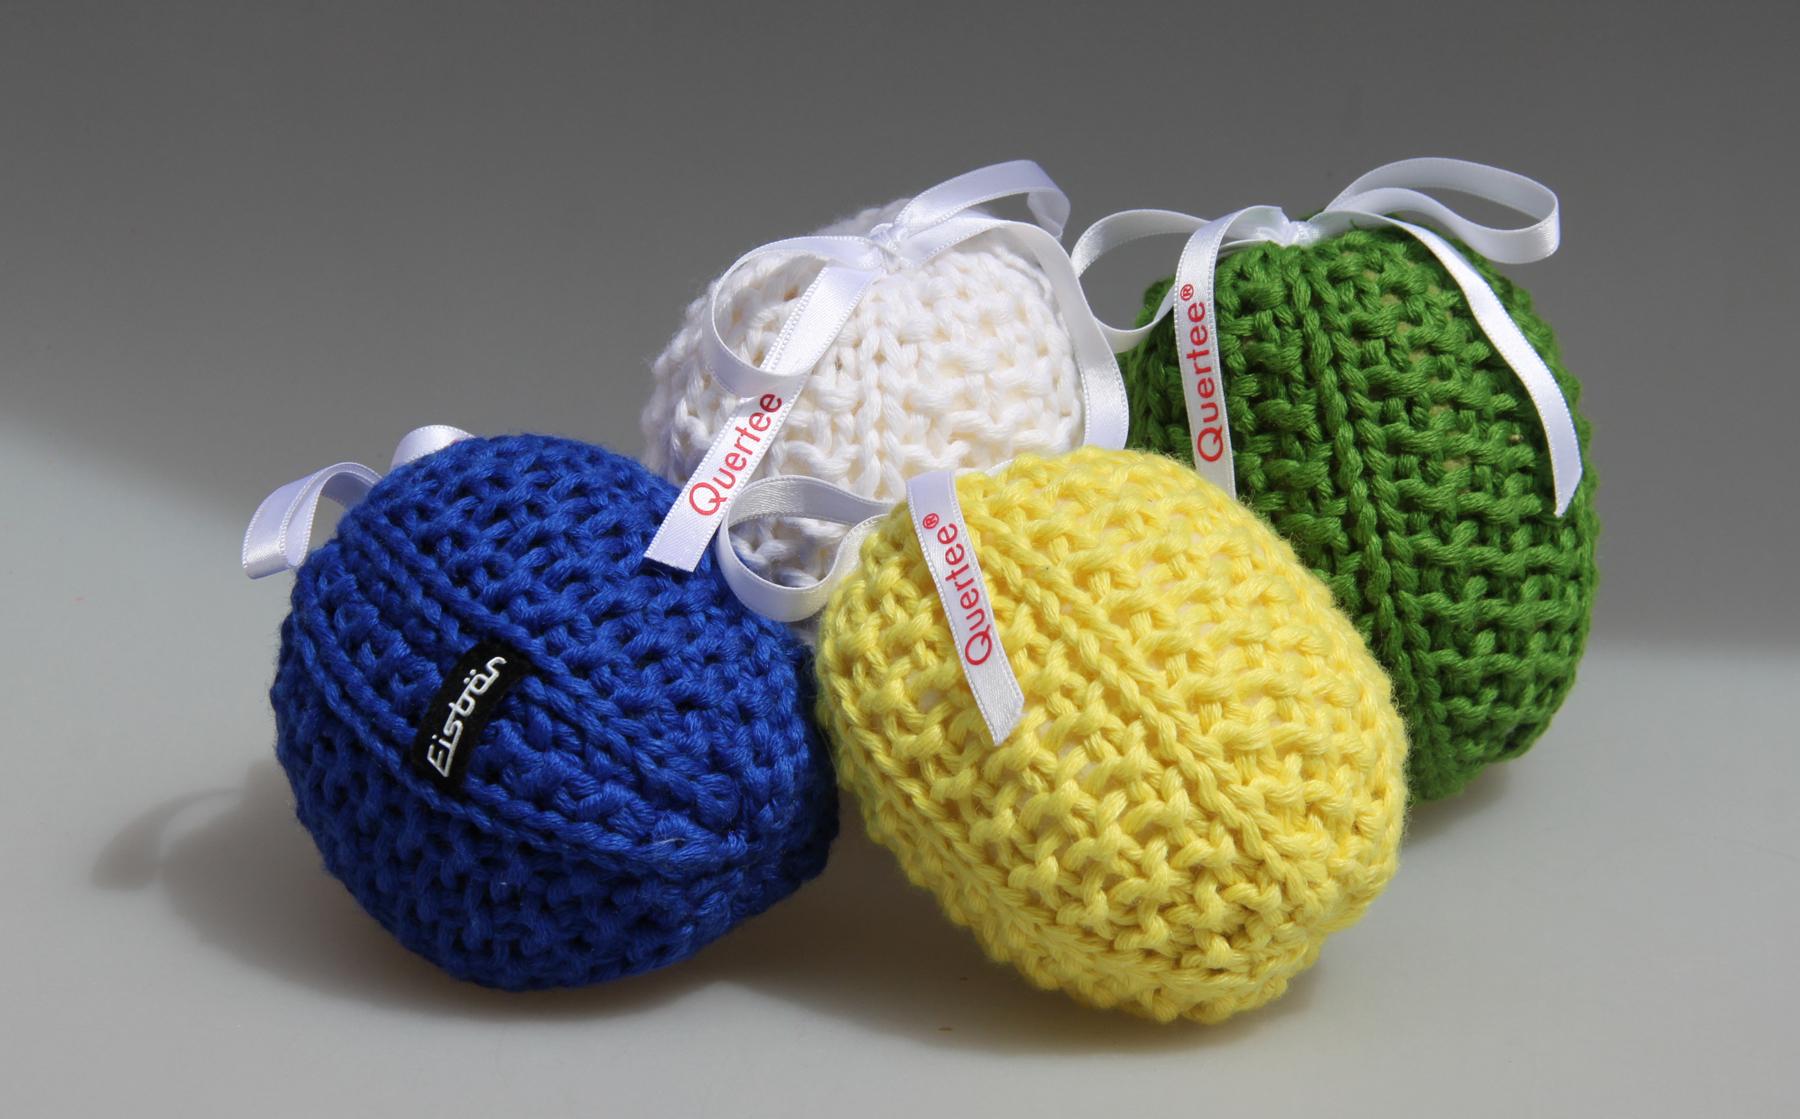 Lavendelsäckchen liebevoll gestrickt von Eisbär in gelb, blau, grün und weiß. Gefüllt mit echtem französichem Lavendel - 4 x 10 g Lavendelblüten als Duftsäckchen von Quertee®